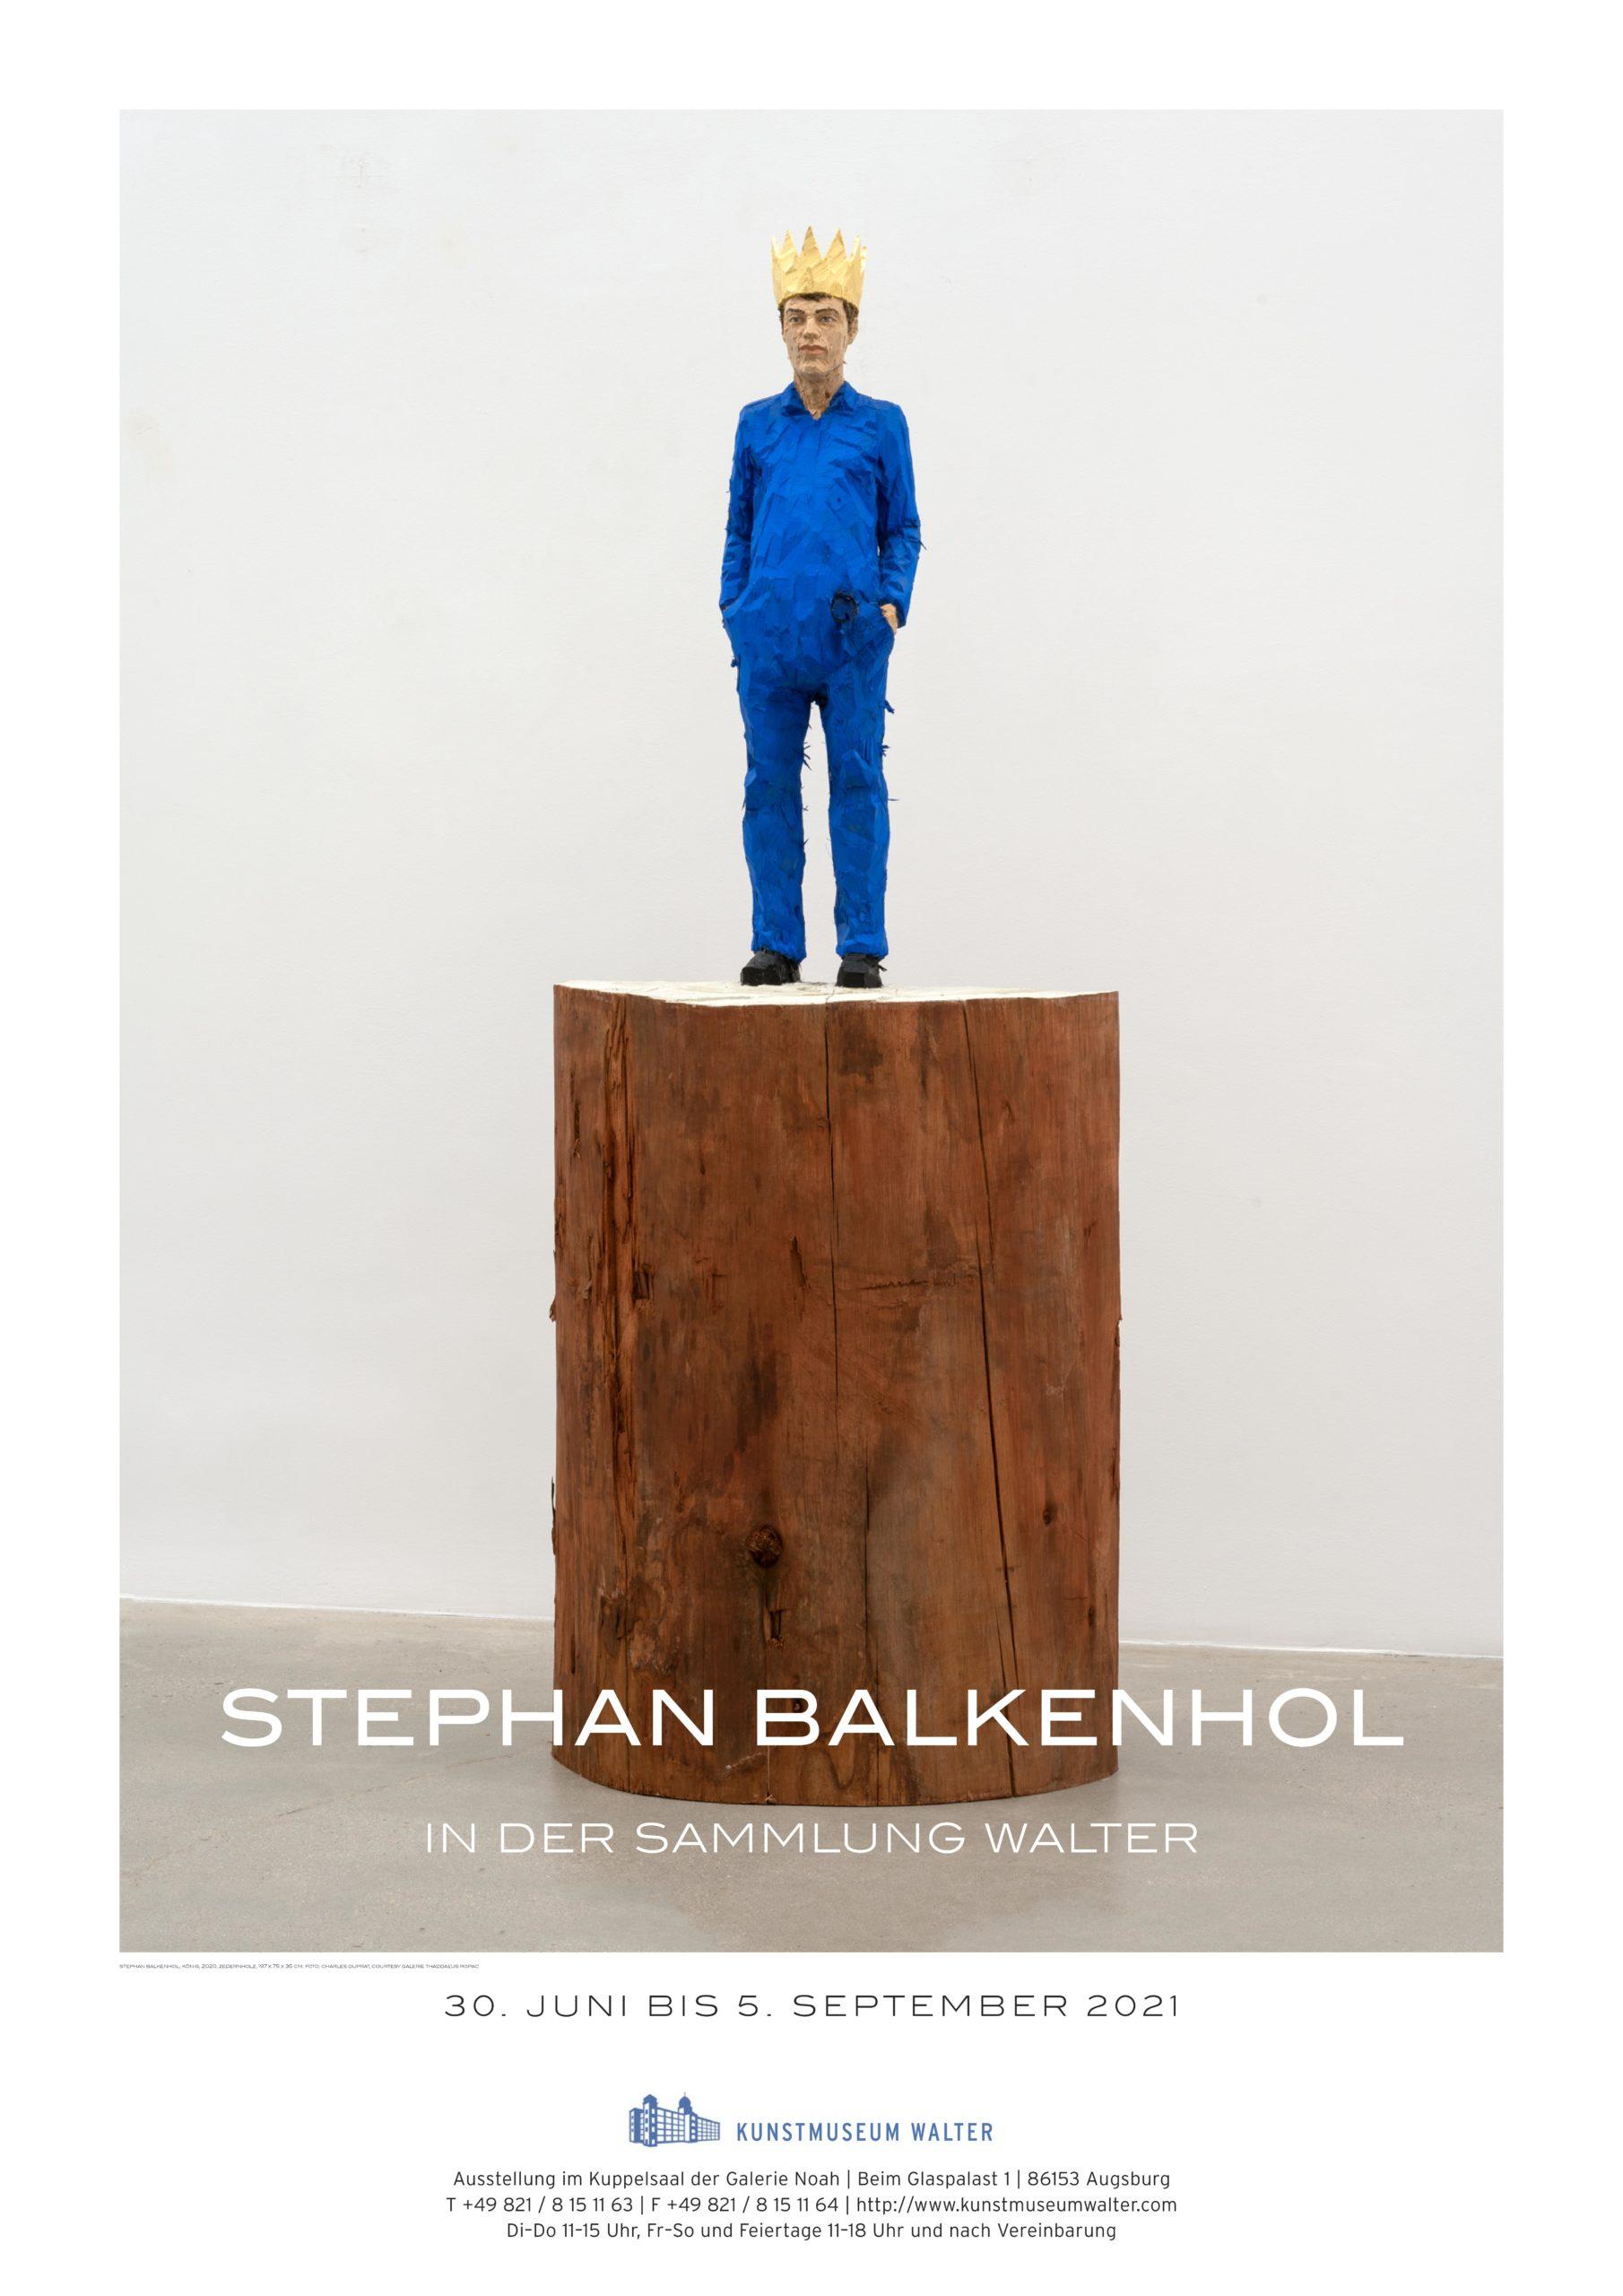 Stephan Balkenhol in der Sammlung Walter